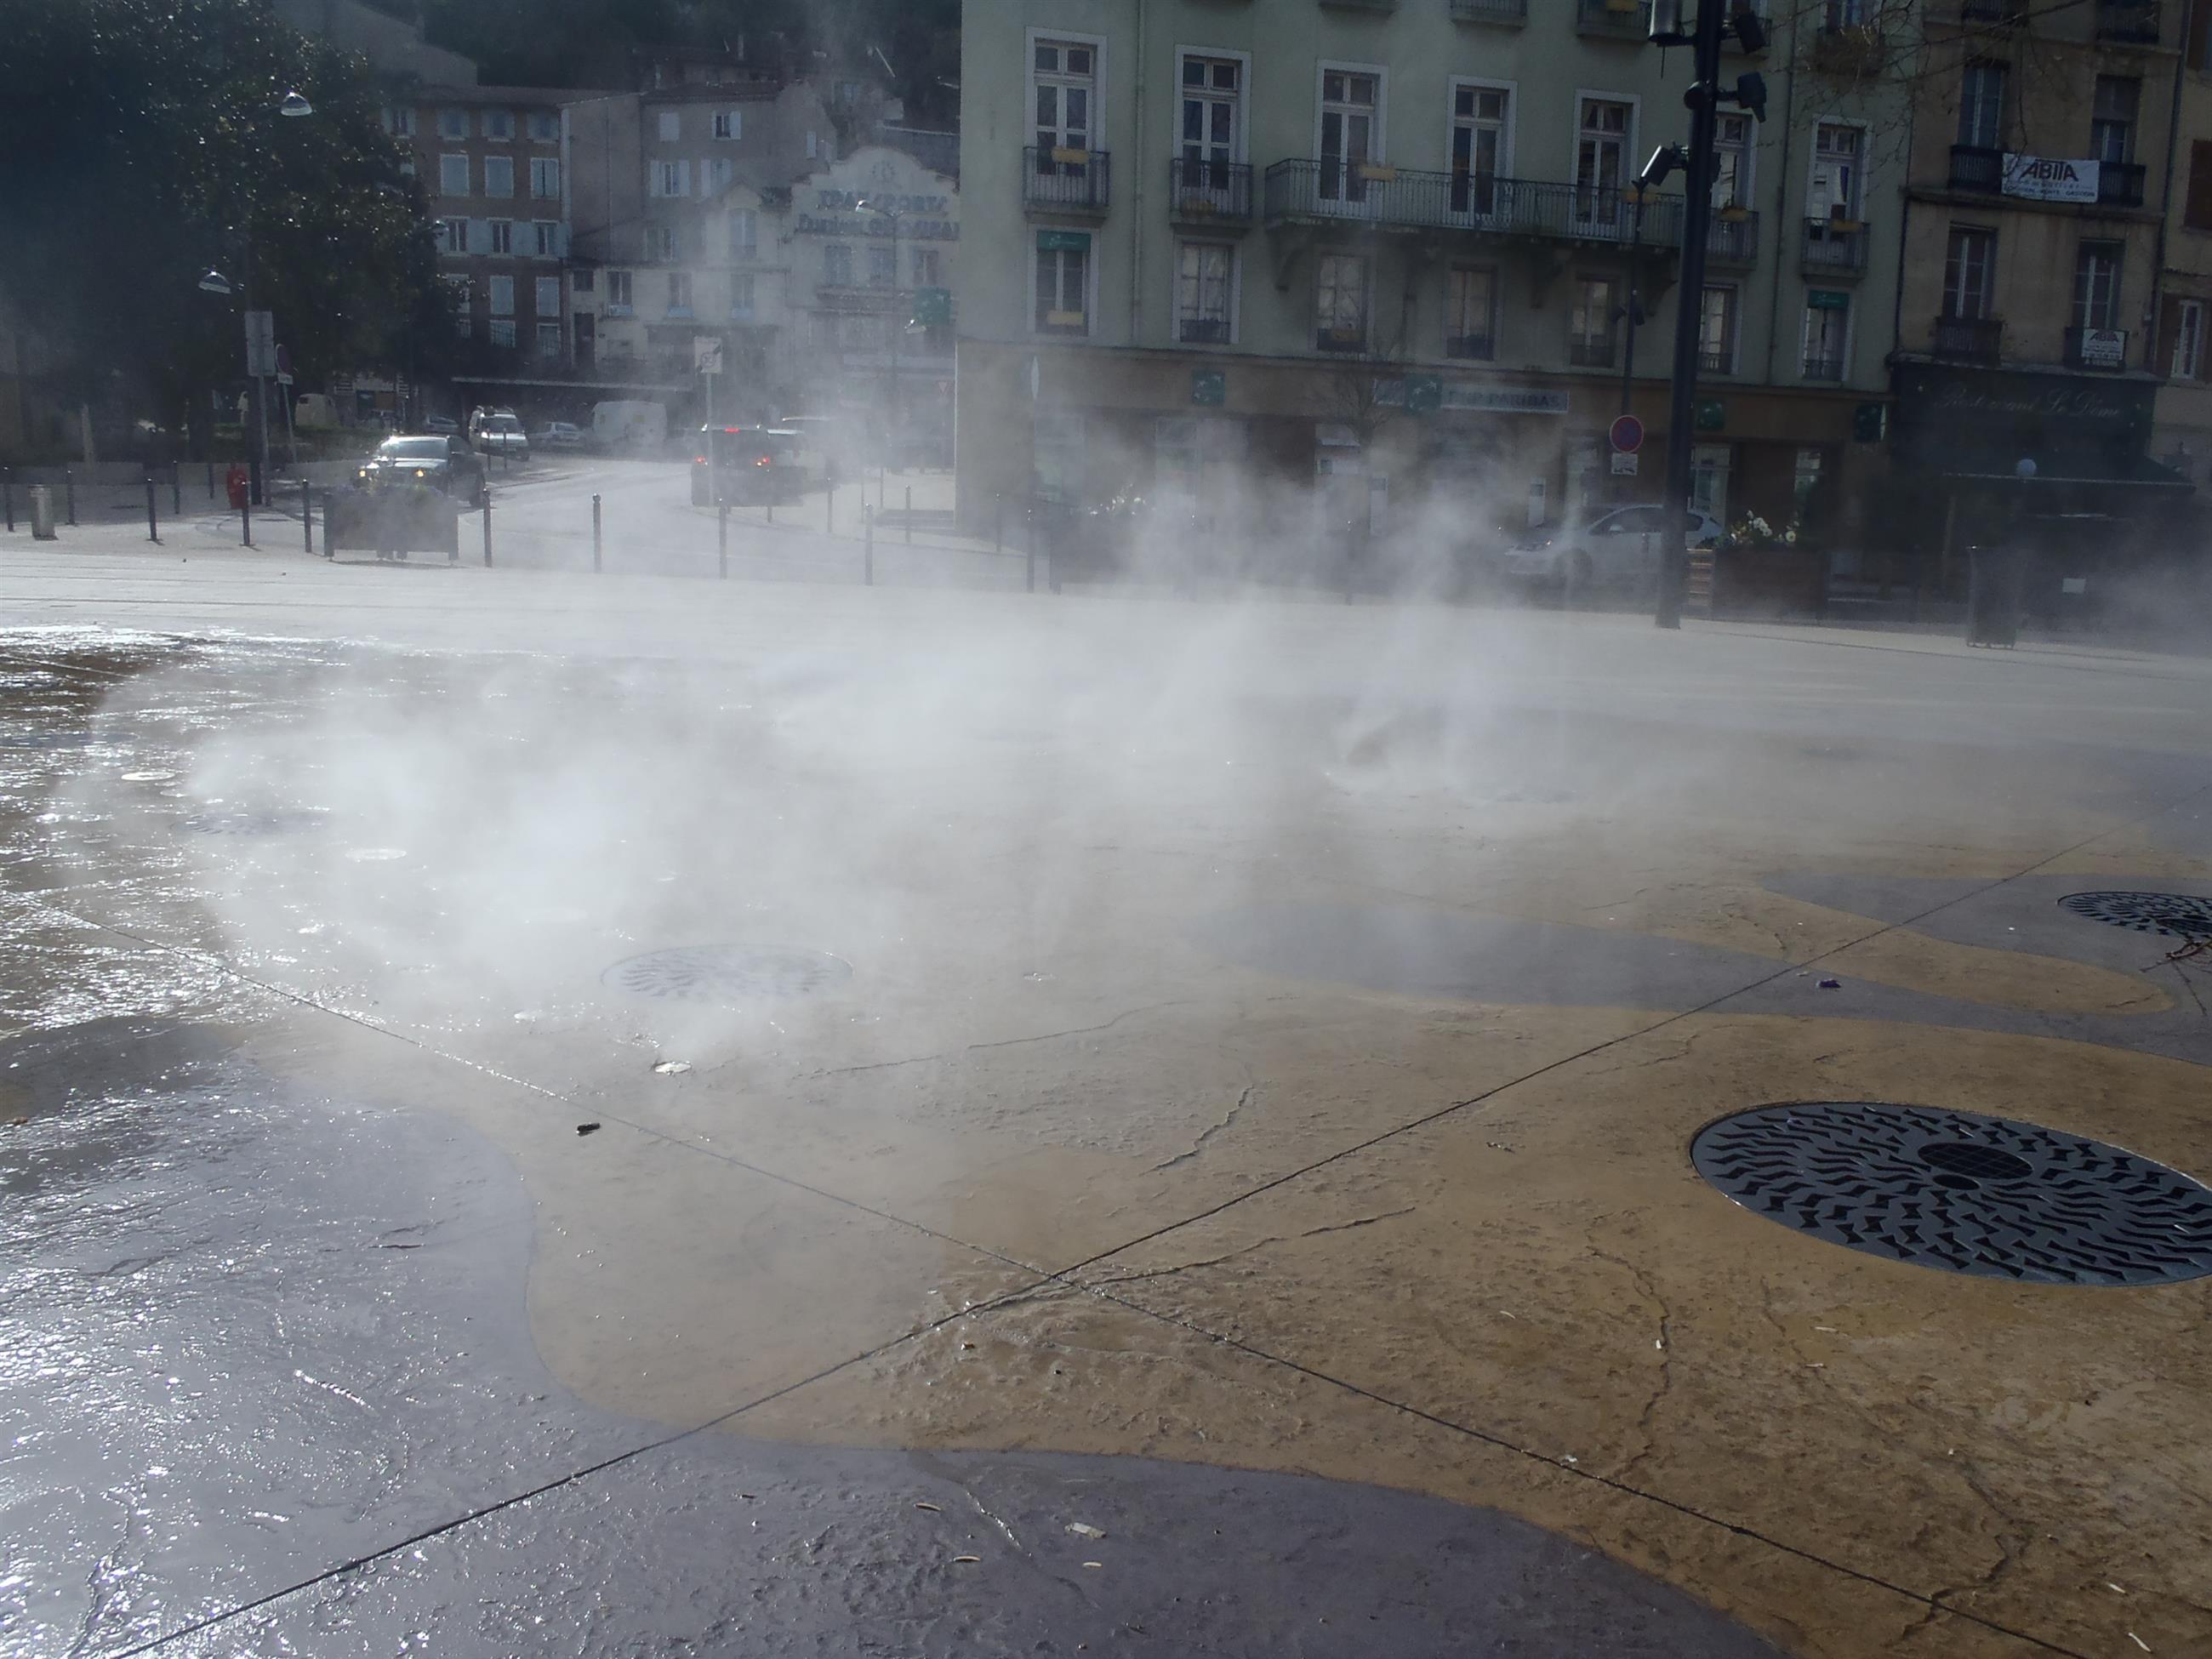 Zones de brouillard pour une ambiance mystérieuse et rafraîchissante